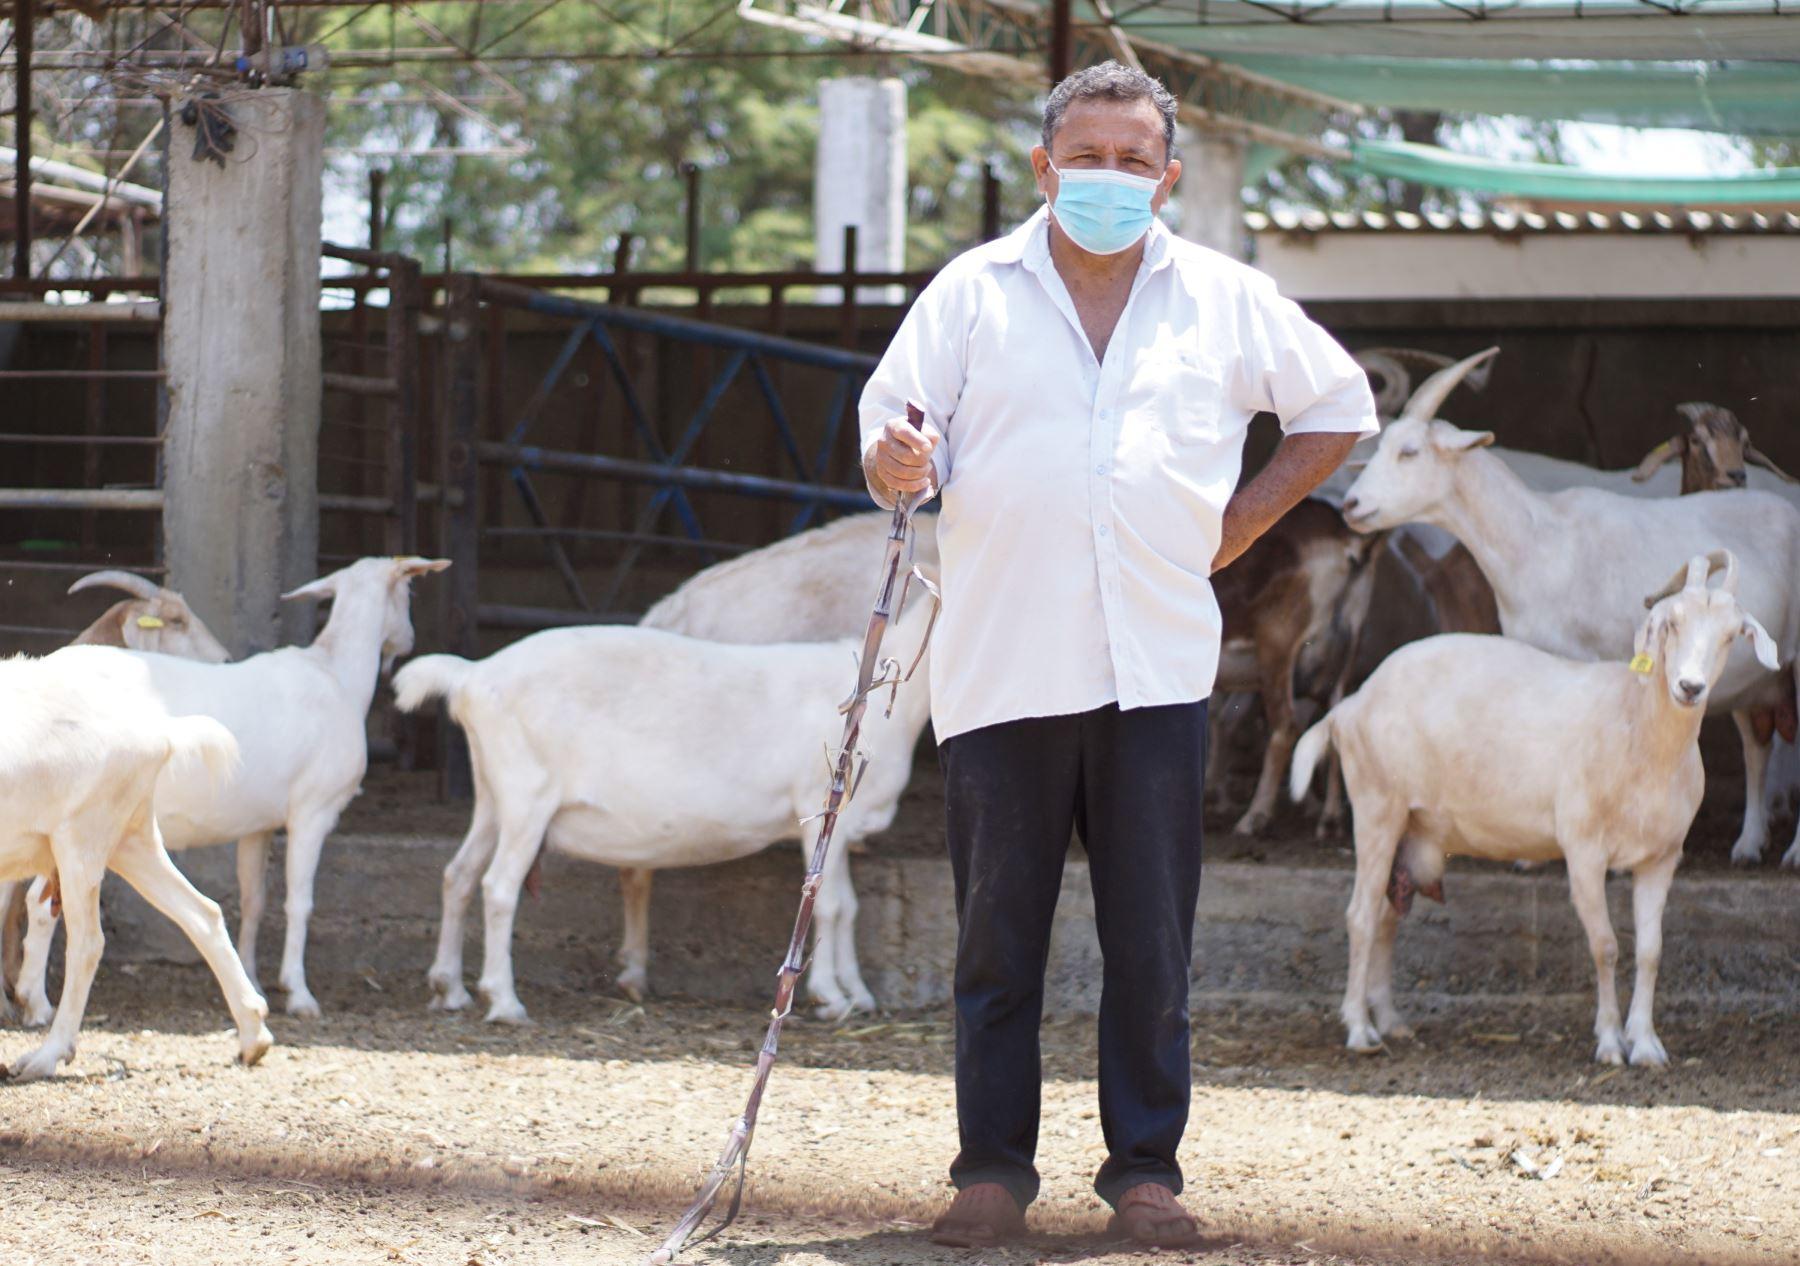 Conoce la historia de Wilfredo Vidal, el rey del ganado caprino de Piura   Noticias